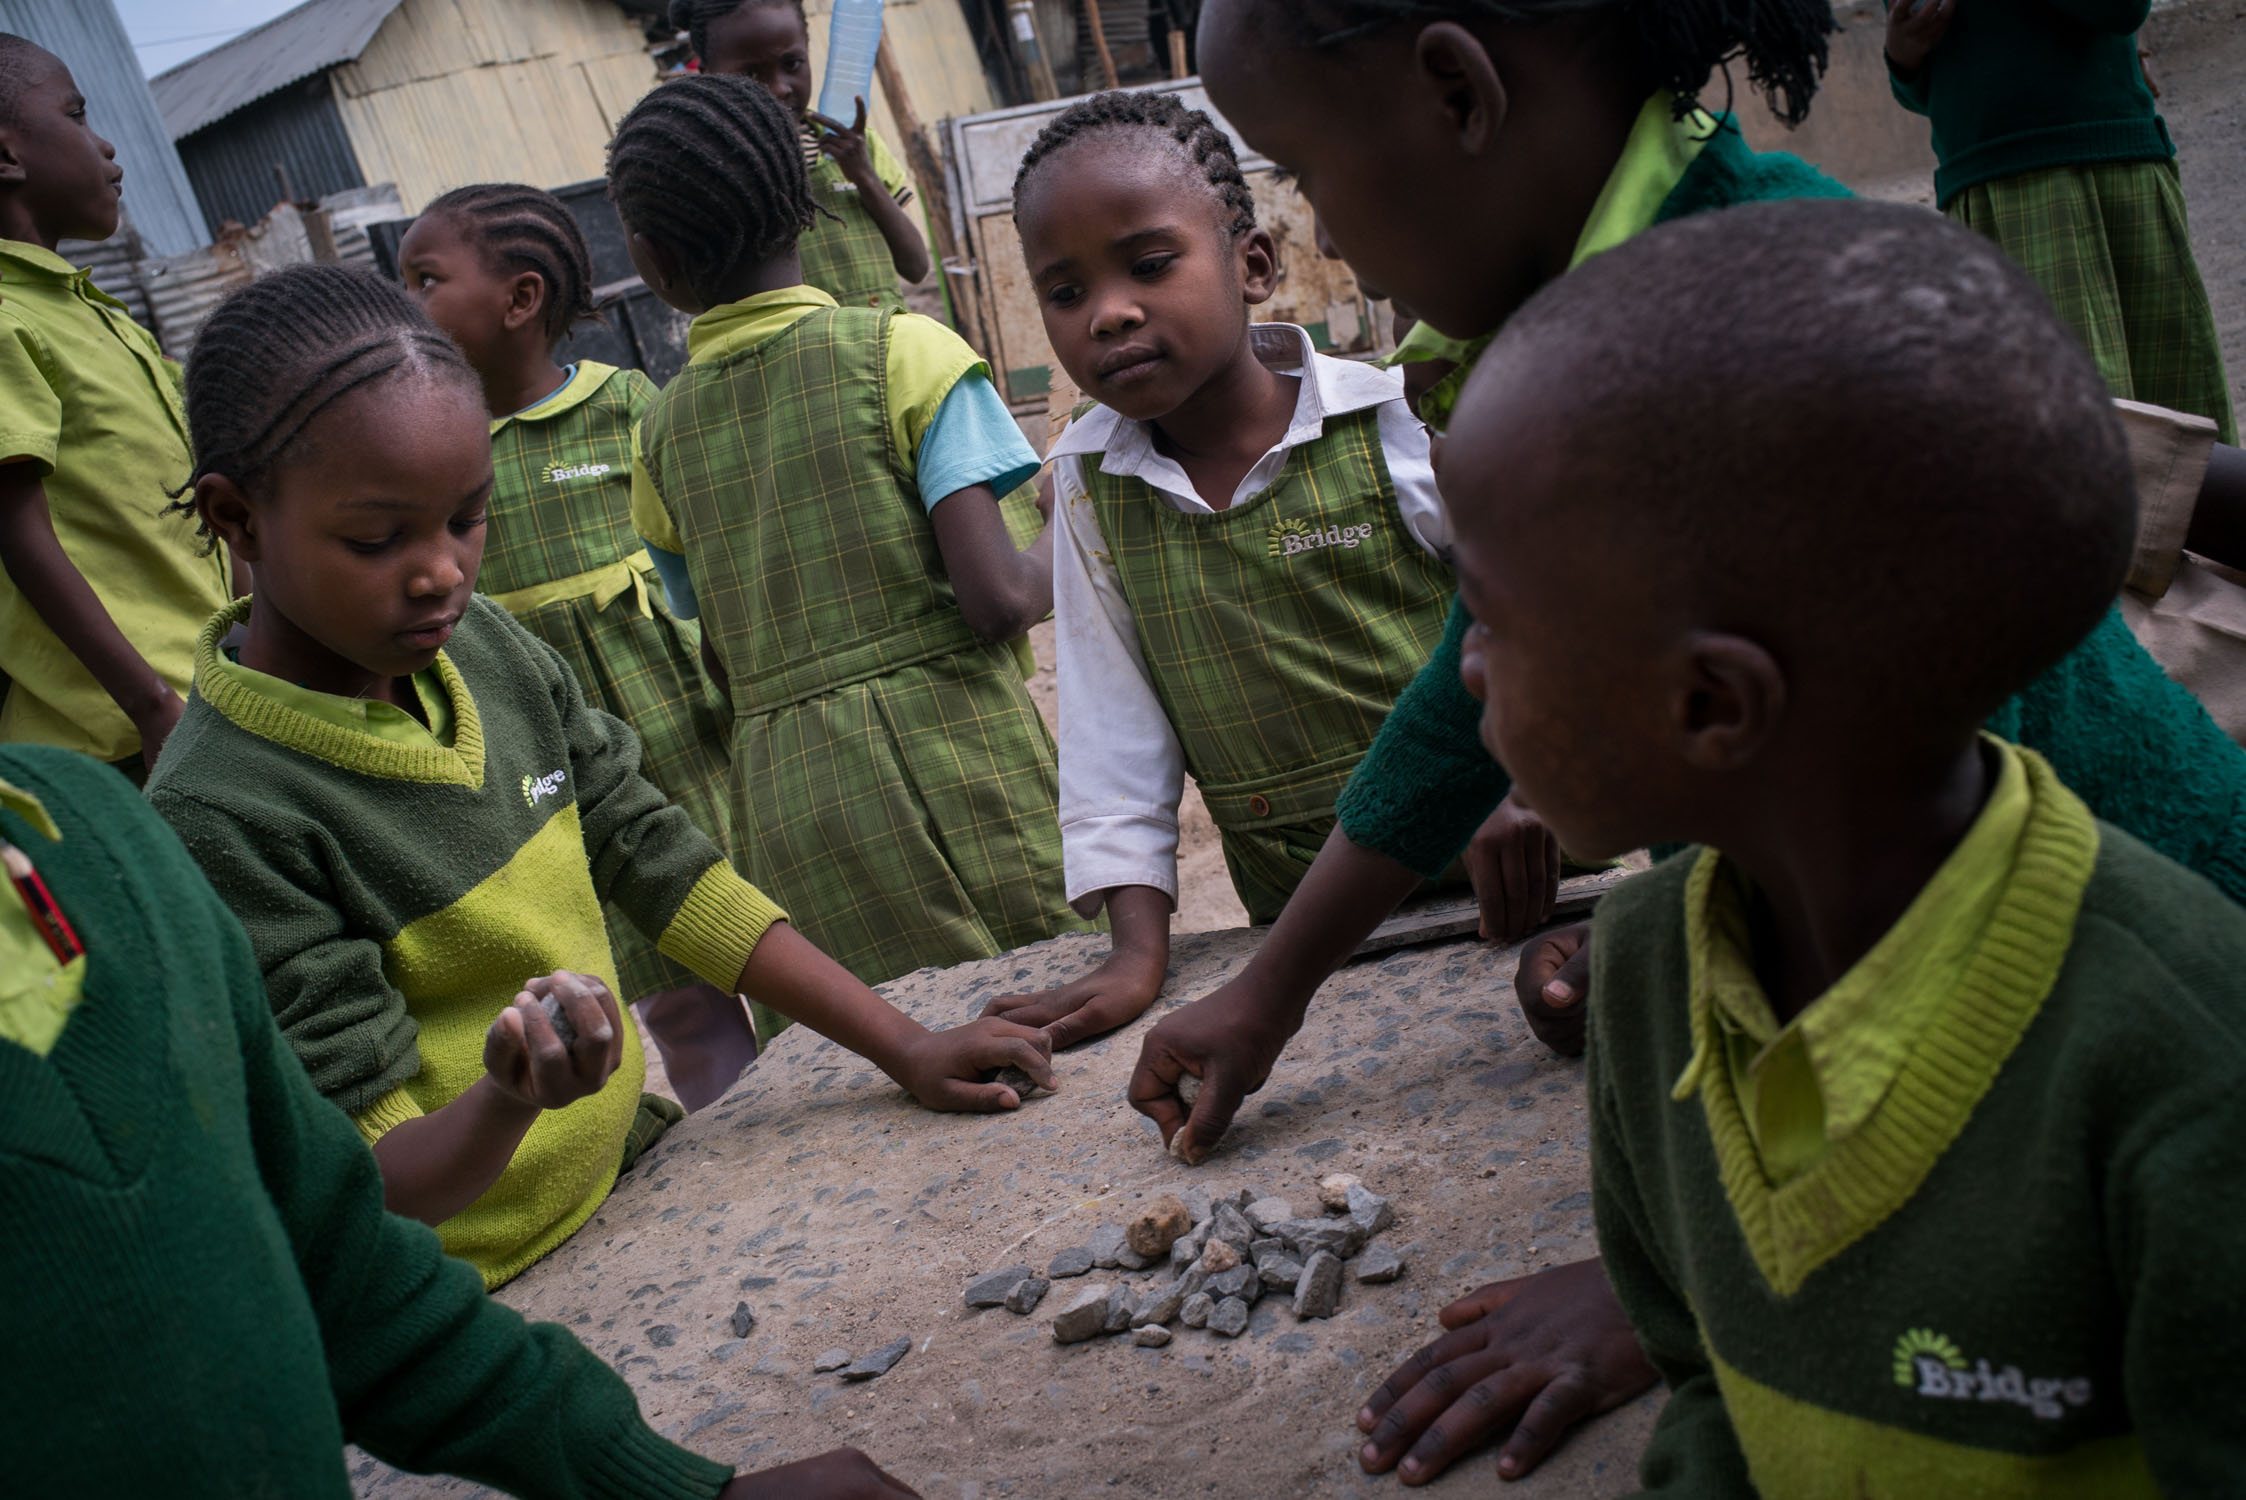 Students with small stones in the yard of a Bridge school in Mukuru slum. September 20, 2016. Mukuru, Nairobi, Kenya.